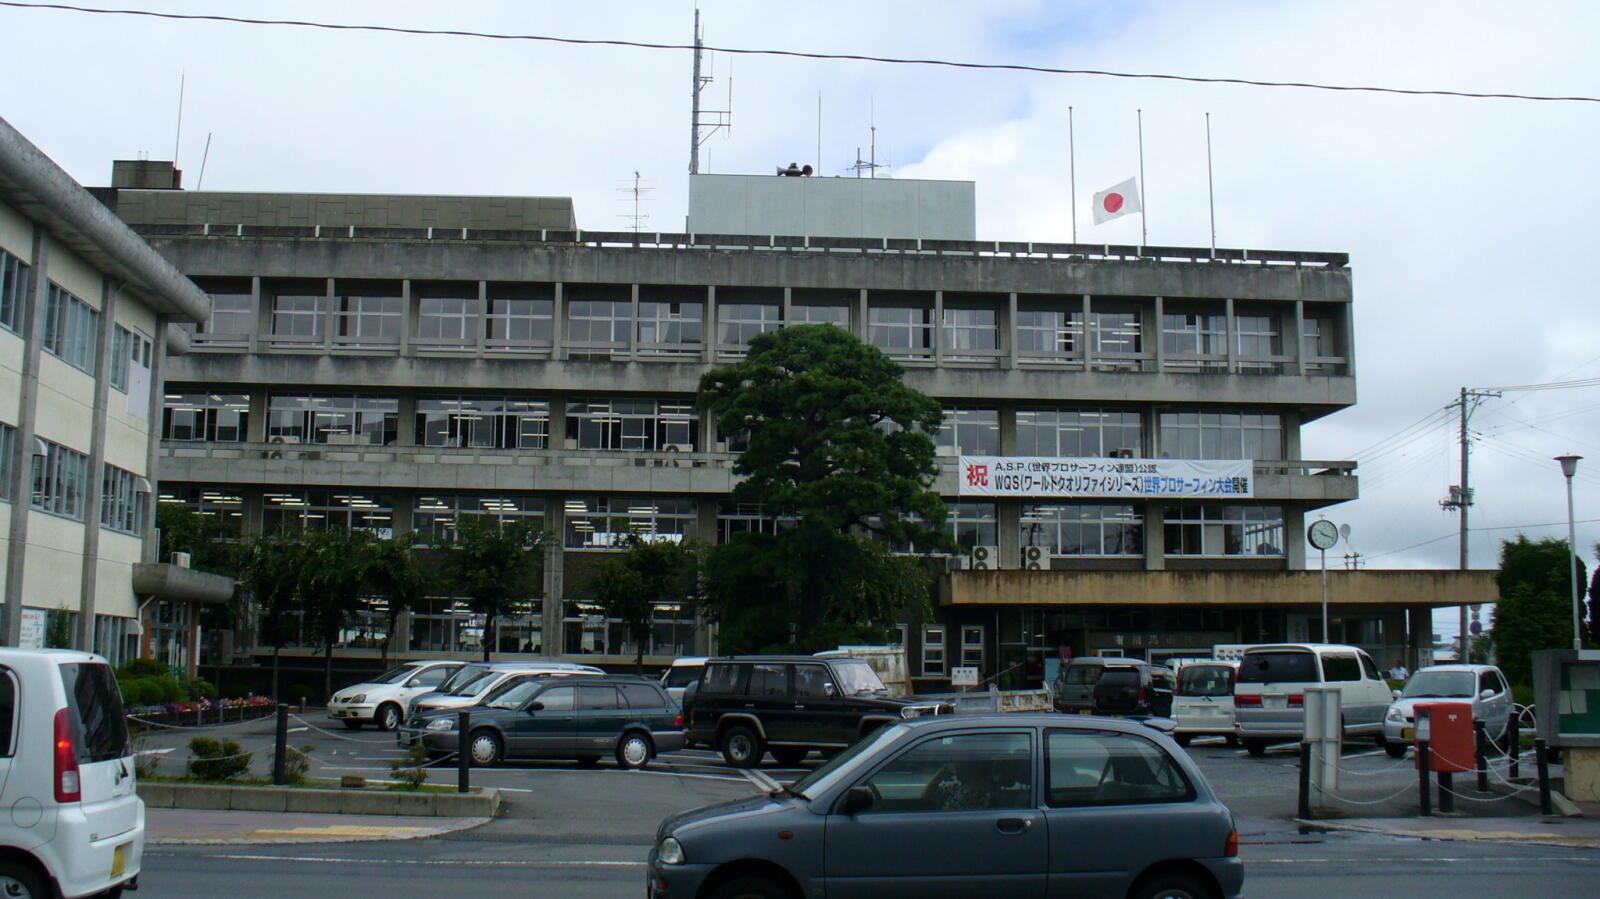 Ayuntamiento de Minamisoma, la ciudad más grande de las evacuadas (70.975 hab.) antes del tsunami y los accidentes nucleares.